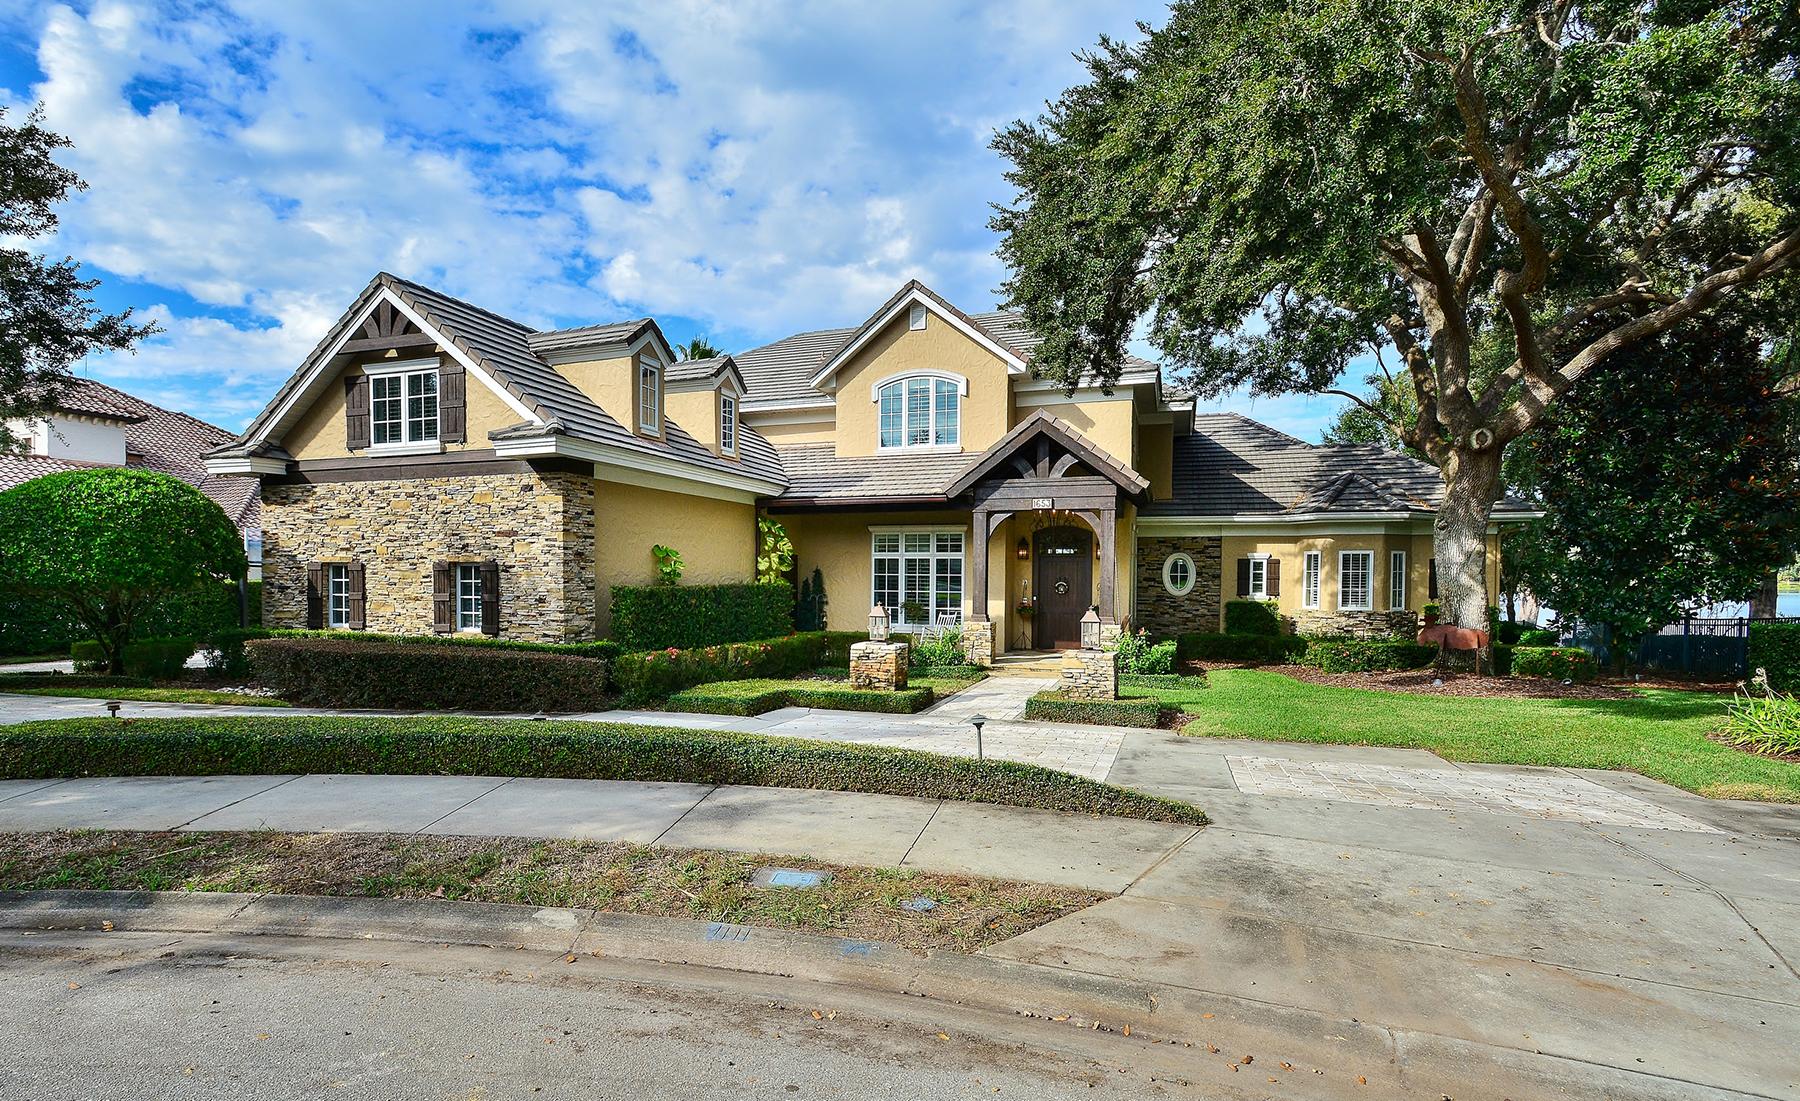 Частный односемейный дом для того Продажа на 1653 Chase Landing Way , Winter Park, FL 32789 1653 Chase Landing Way Winter Park, Флорида, 32789 Соединенные Штаты